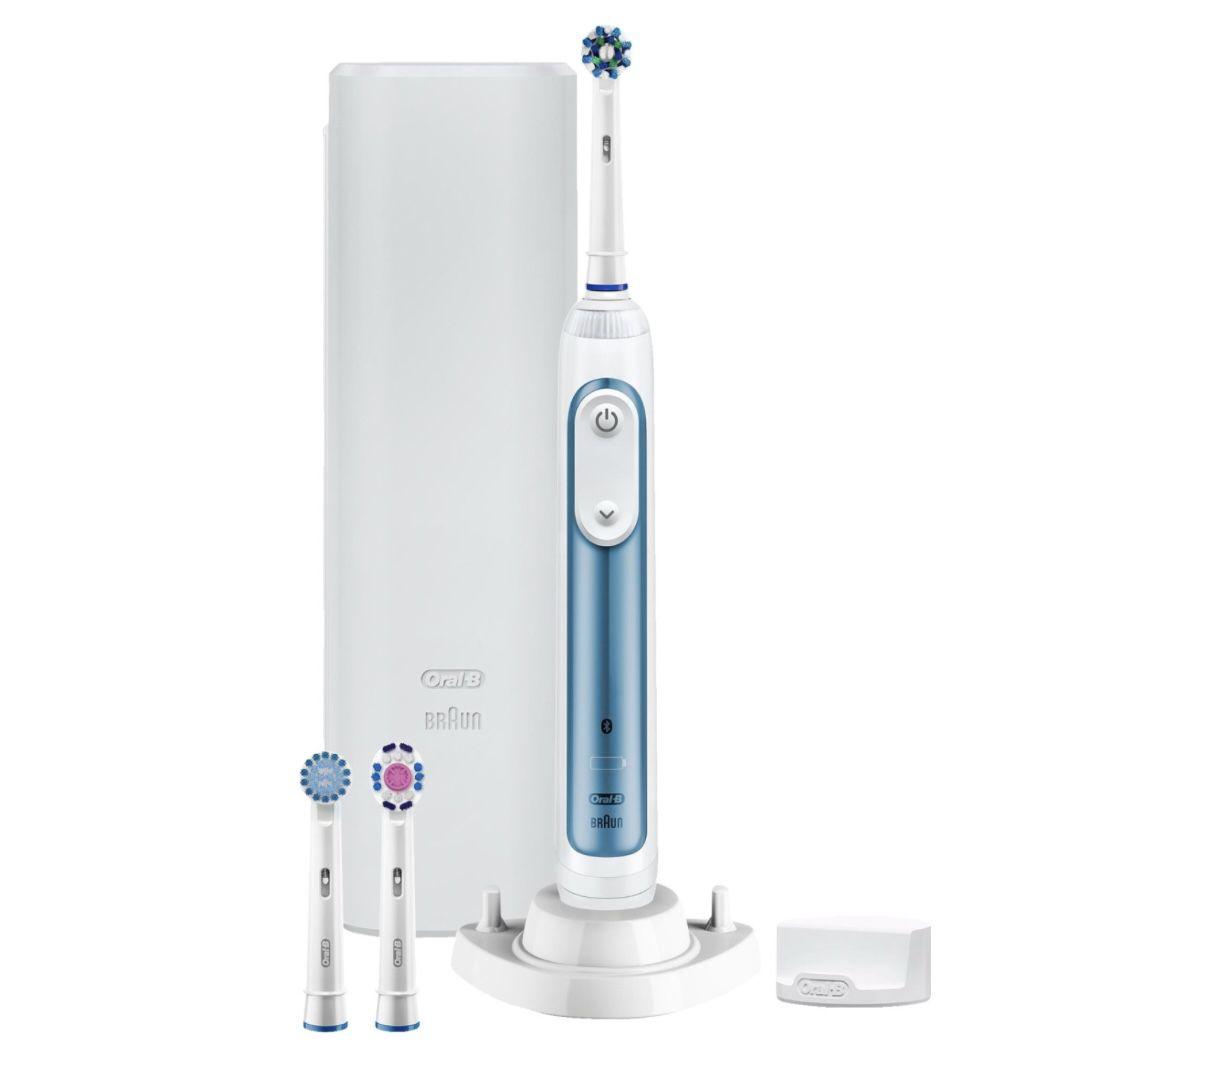 Oral B Smart 6 6000N Elektrische Zahnbürste in Weiß/Blau für 69,99€ (statt 90€)